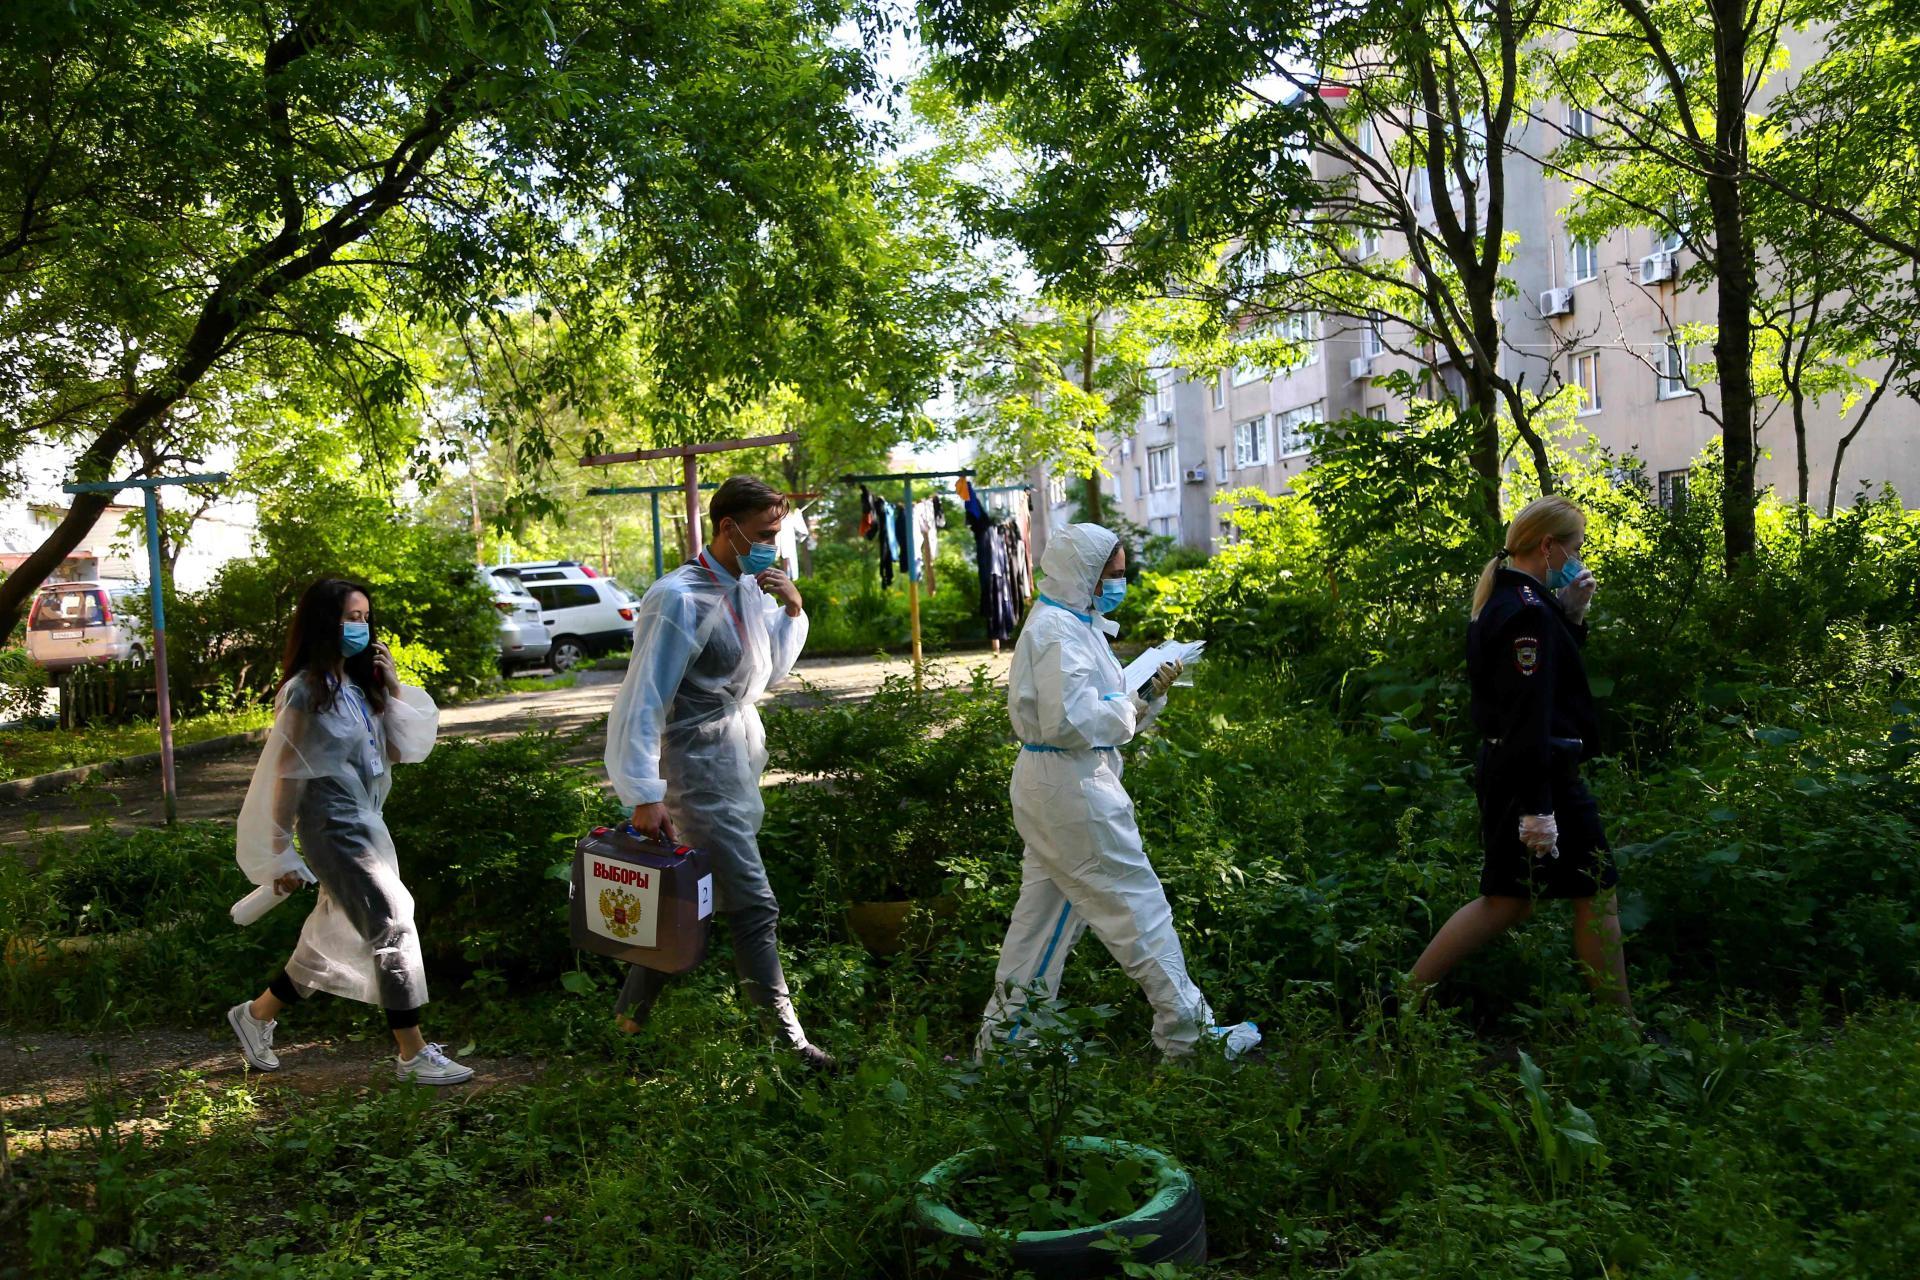 Des membres d'une commission électorale se déplacent chez des particuliers avec un bureau de vote mobile, àVladivostok, le 1er juillet.